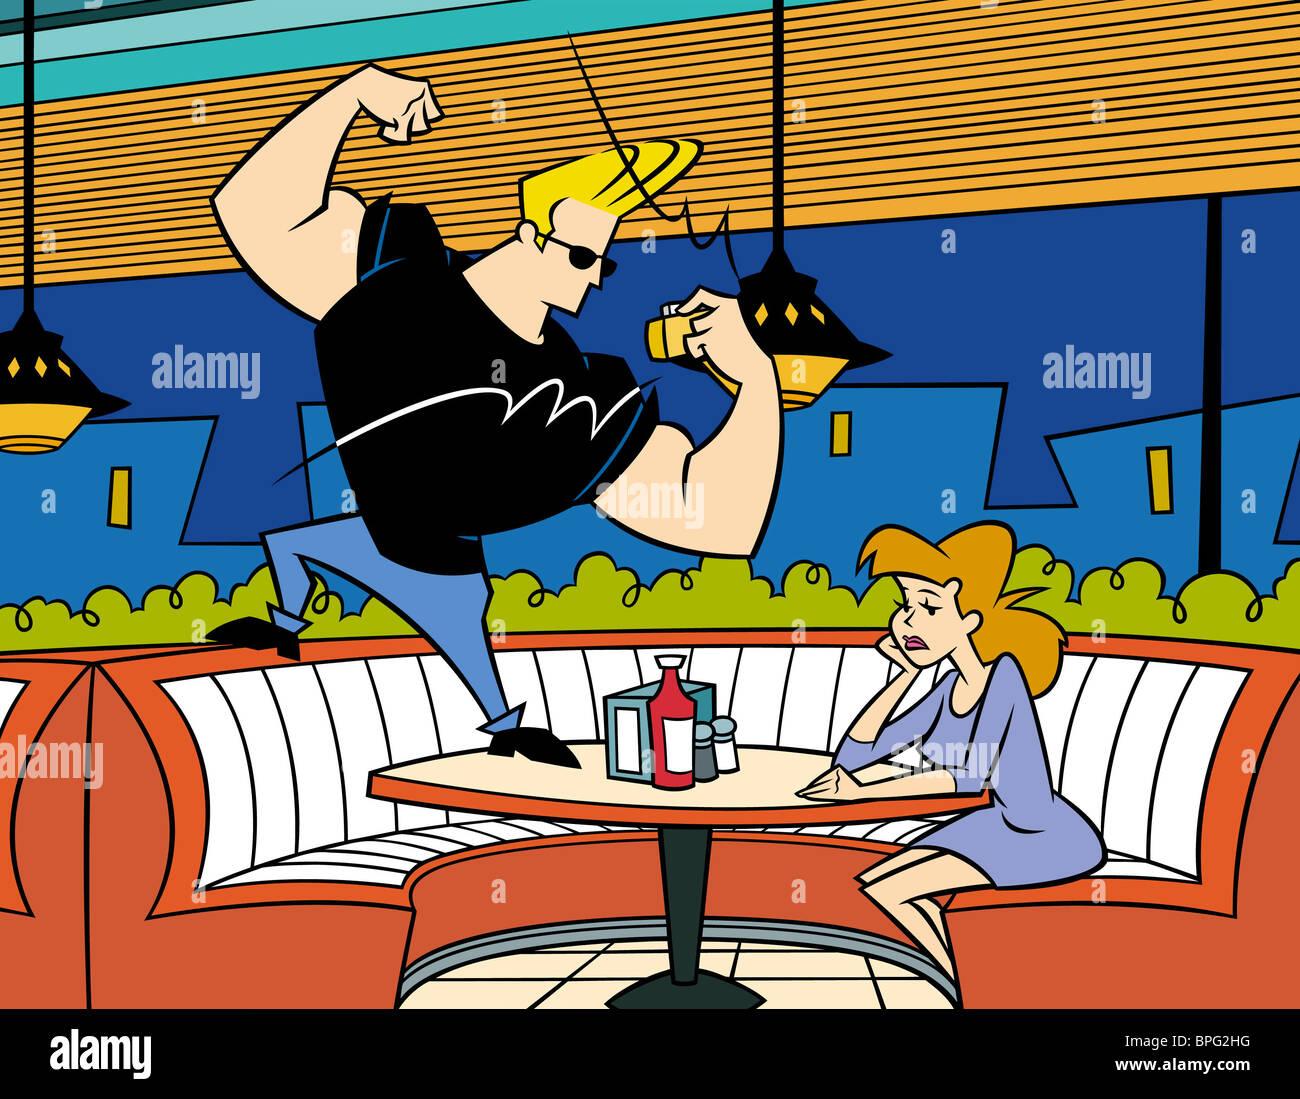 Johnny Bravo Stock Photos & Johnny Bravo Stock Images - Alamy